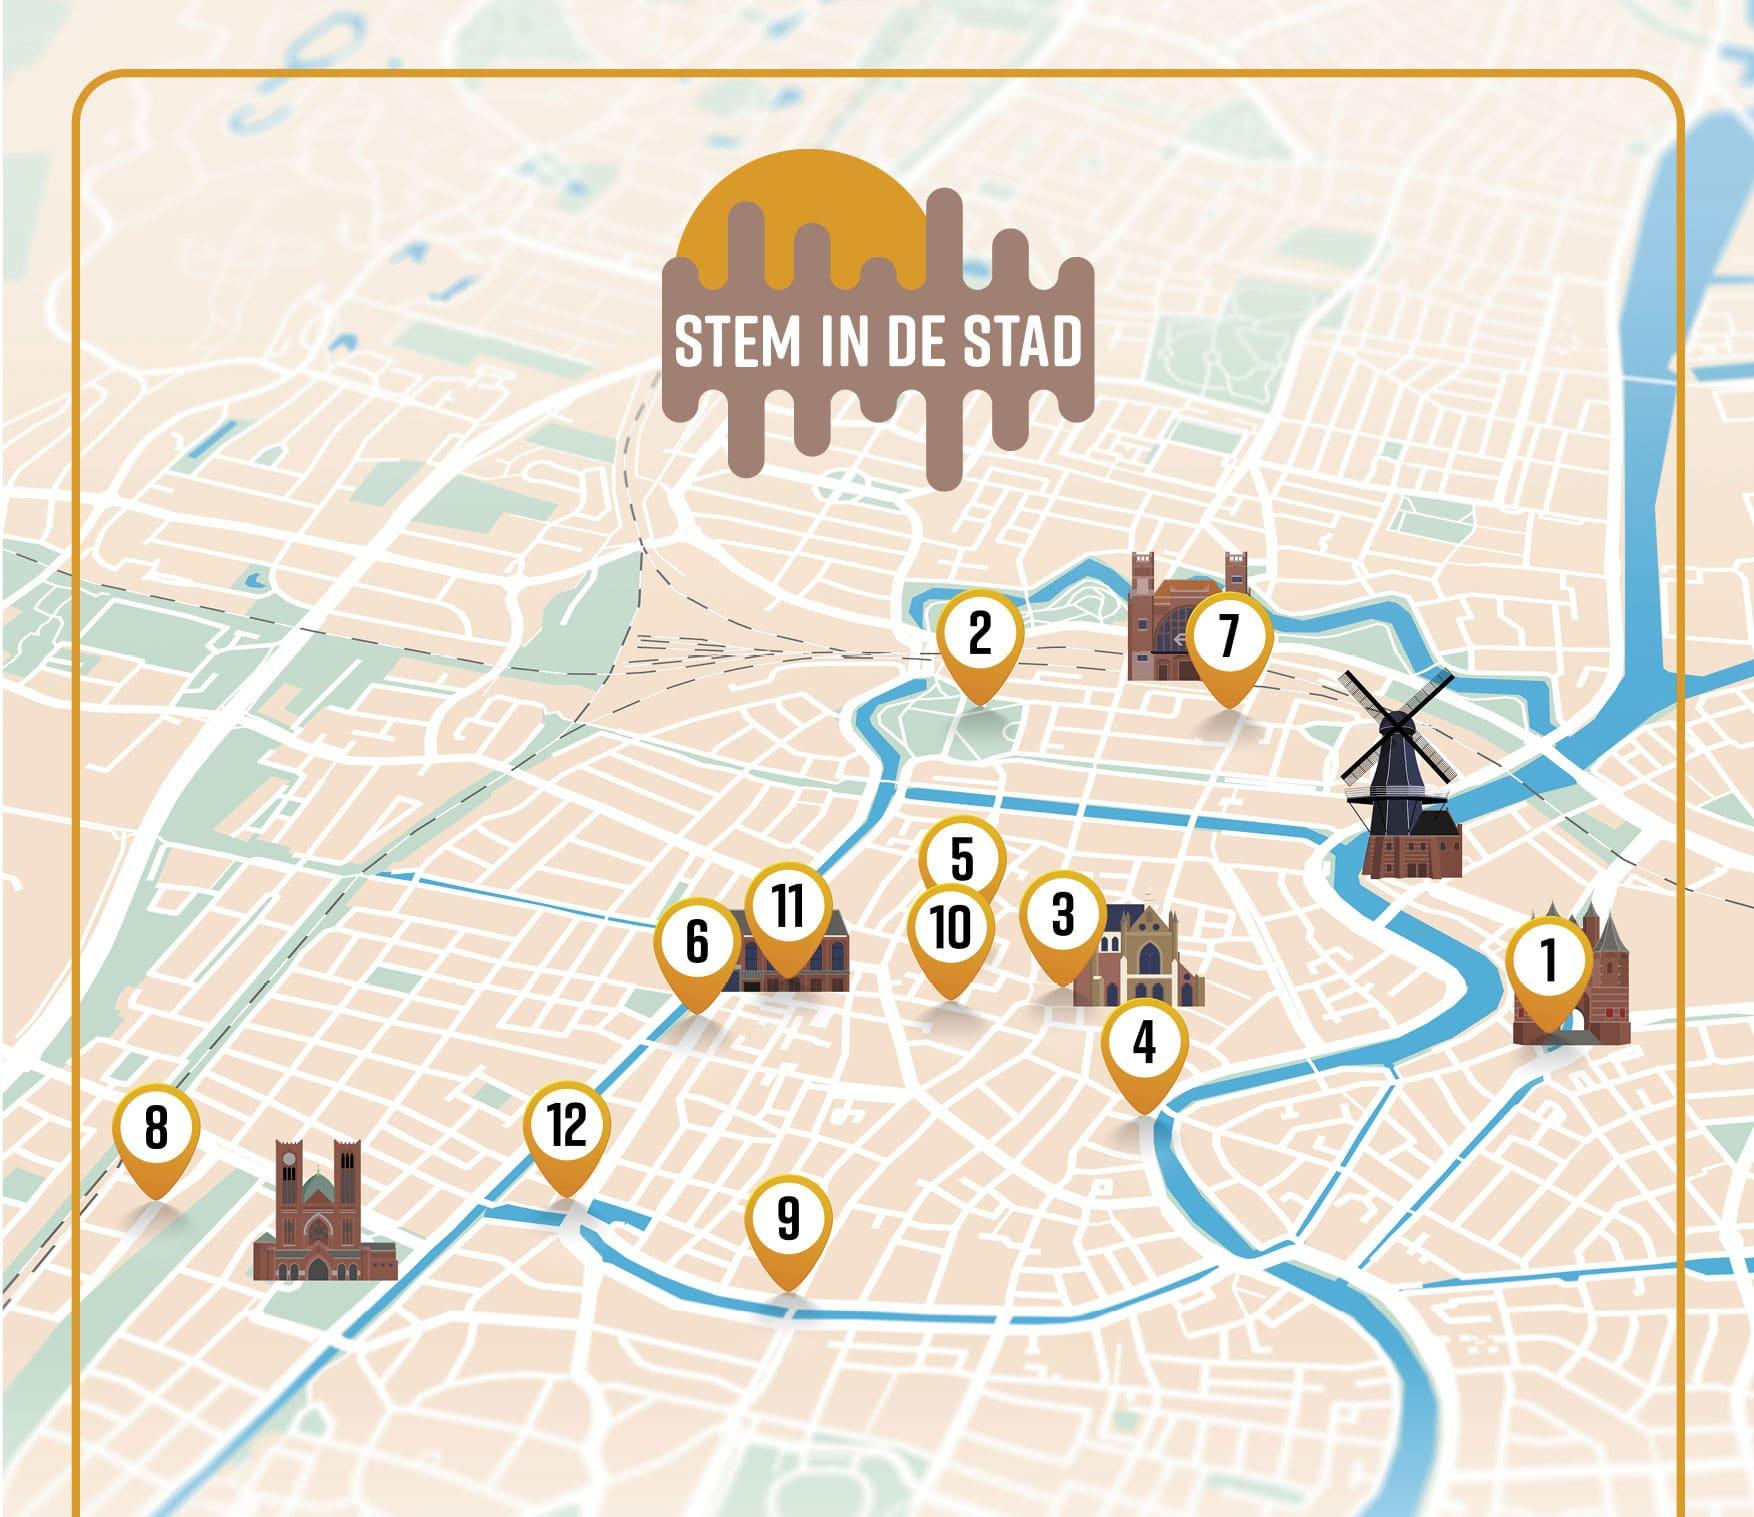 Audiotour van Stem in Stad